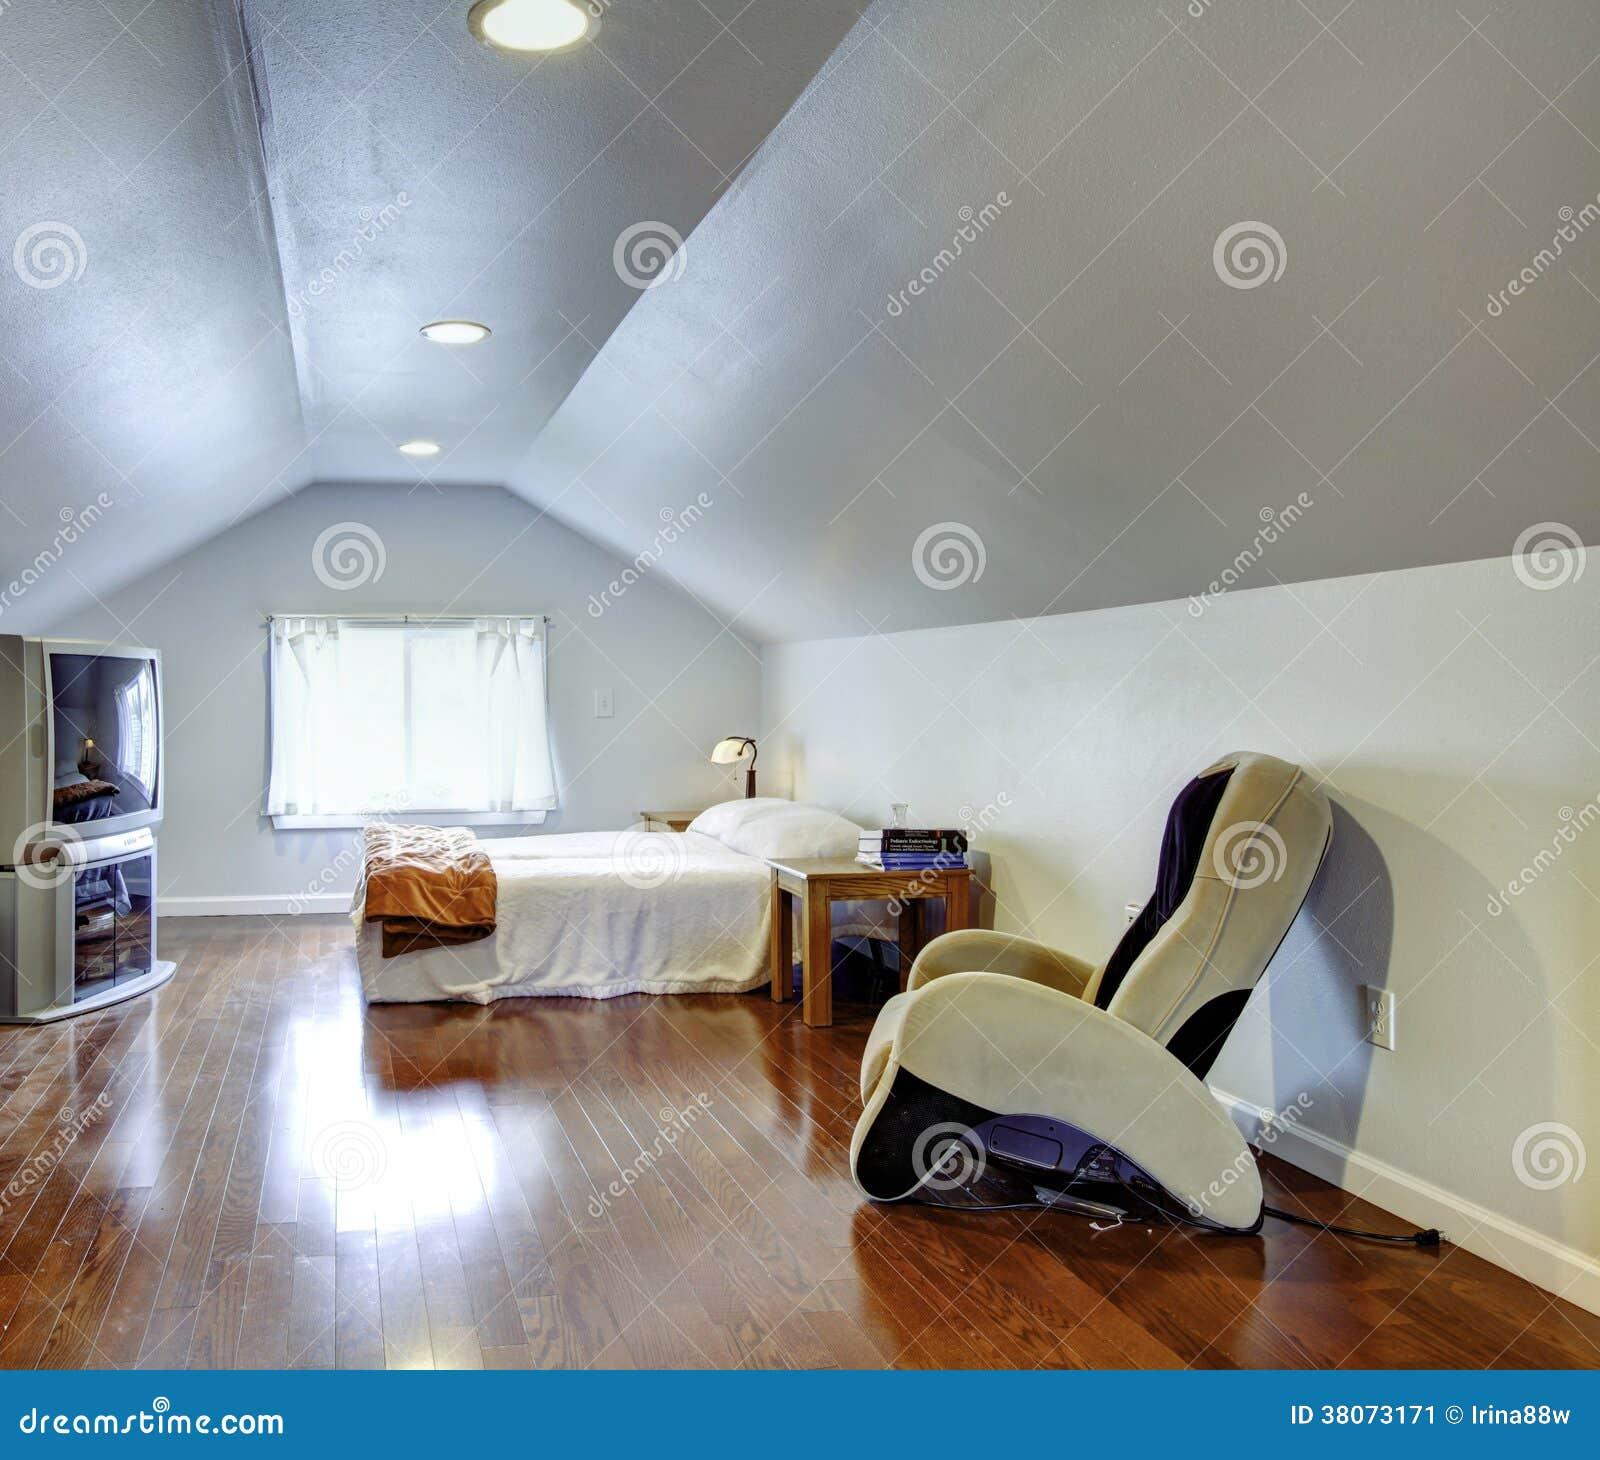 Idea di interior design per la camera da letto del - Comodino camera da letto ...